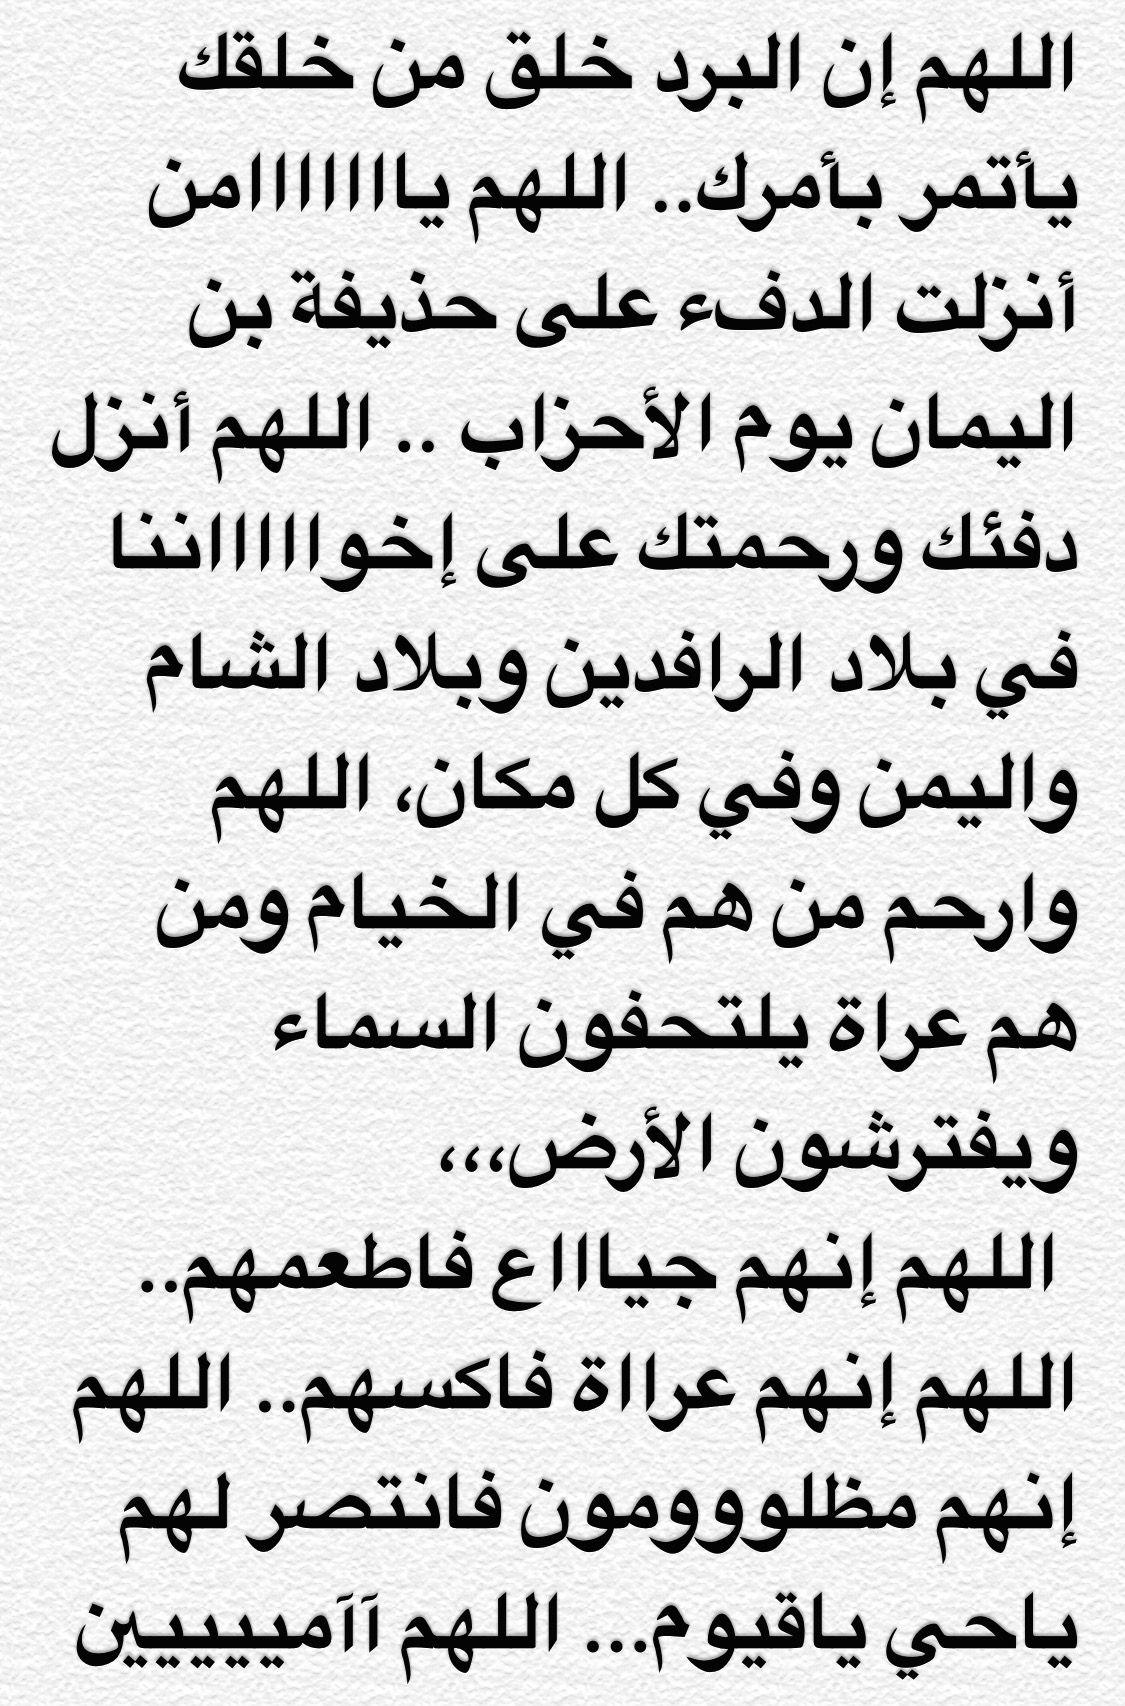 Desertrose Allahumma Aameen يستحب الارسال ليستمر الدعاء لهم فهم بحاجة شديدة لدعواتنا Quran Verses Islam Sayings